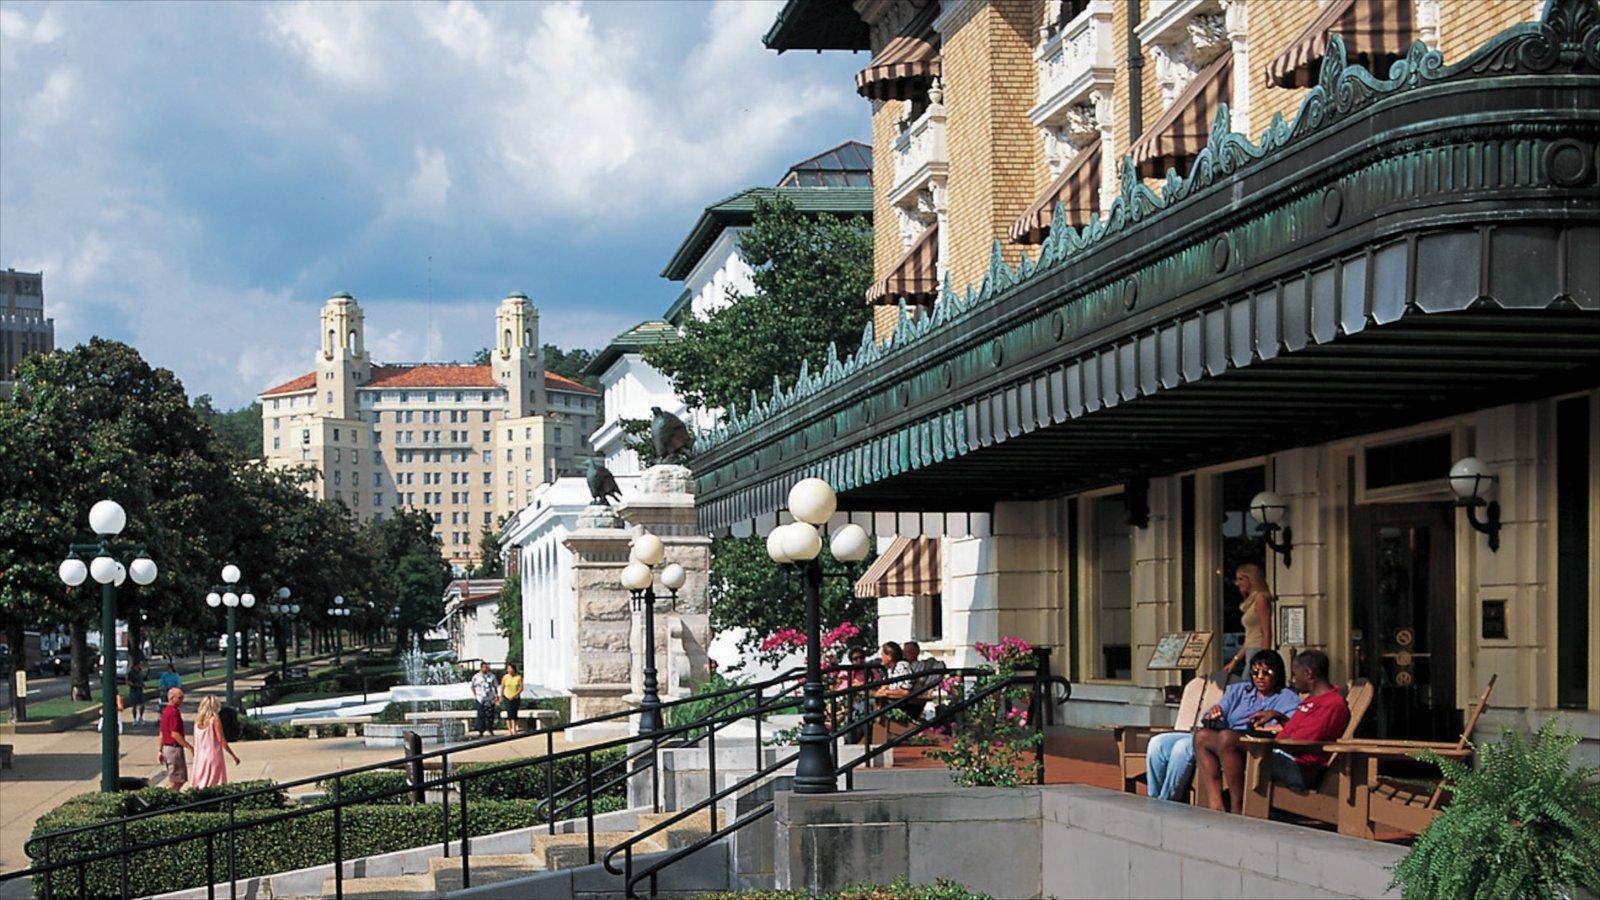 Hot Springs mostrando uma cidade e arquitetura de patrimônio